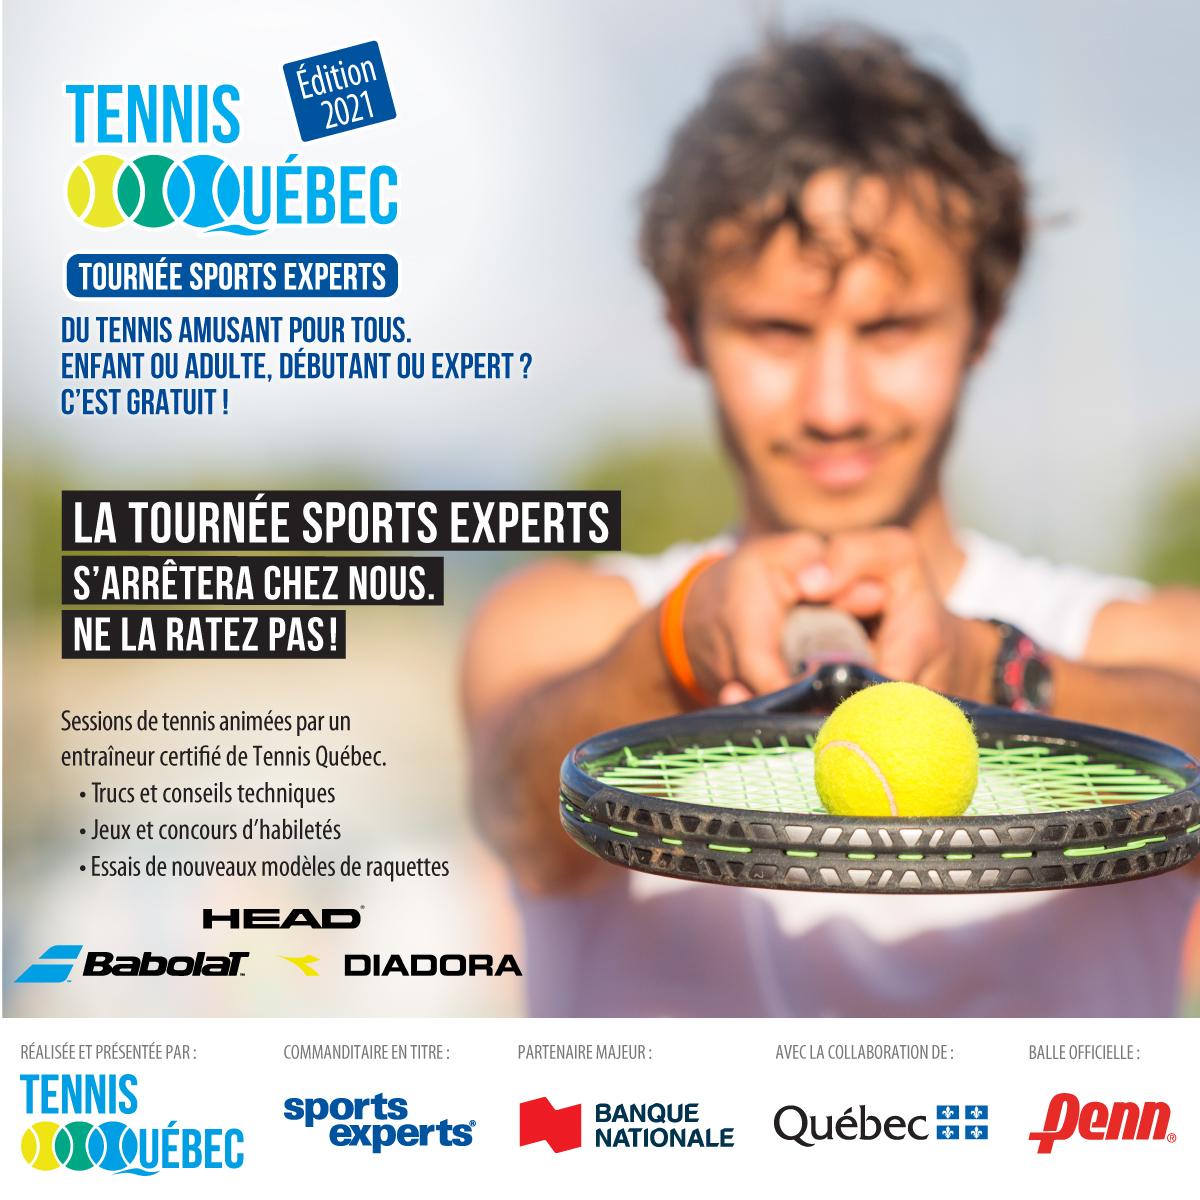 TSE-2021-facebook-Tennis_Quebec.jpg (735 KB)